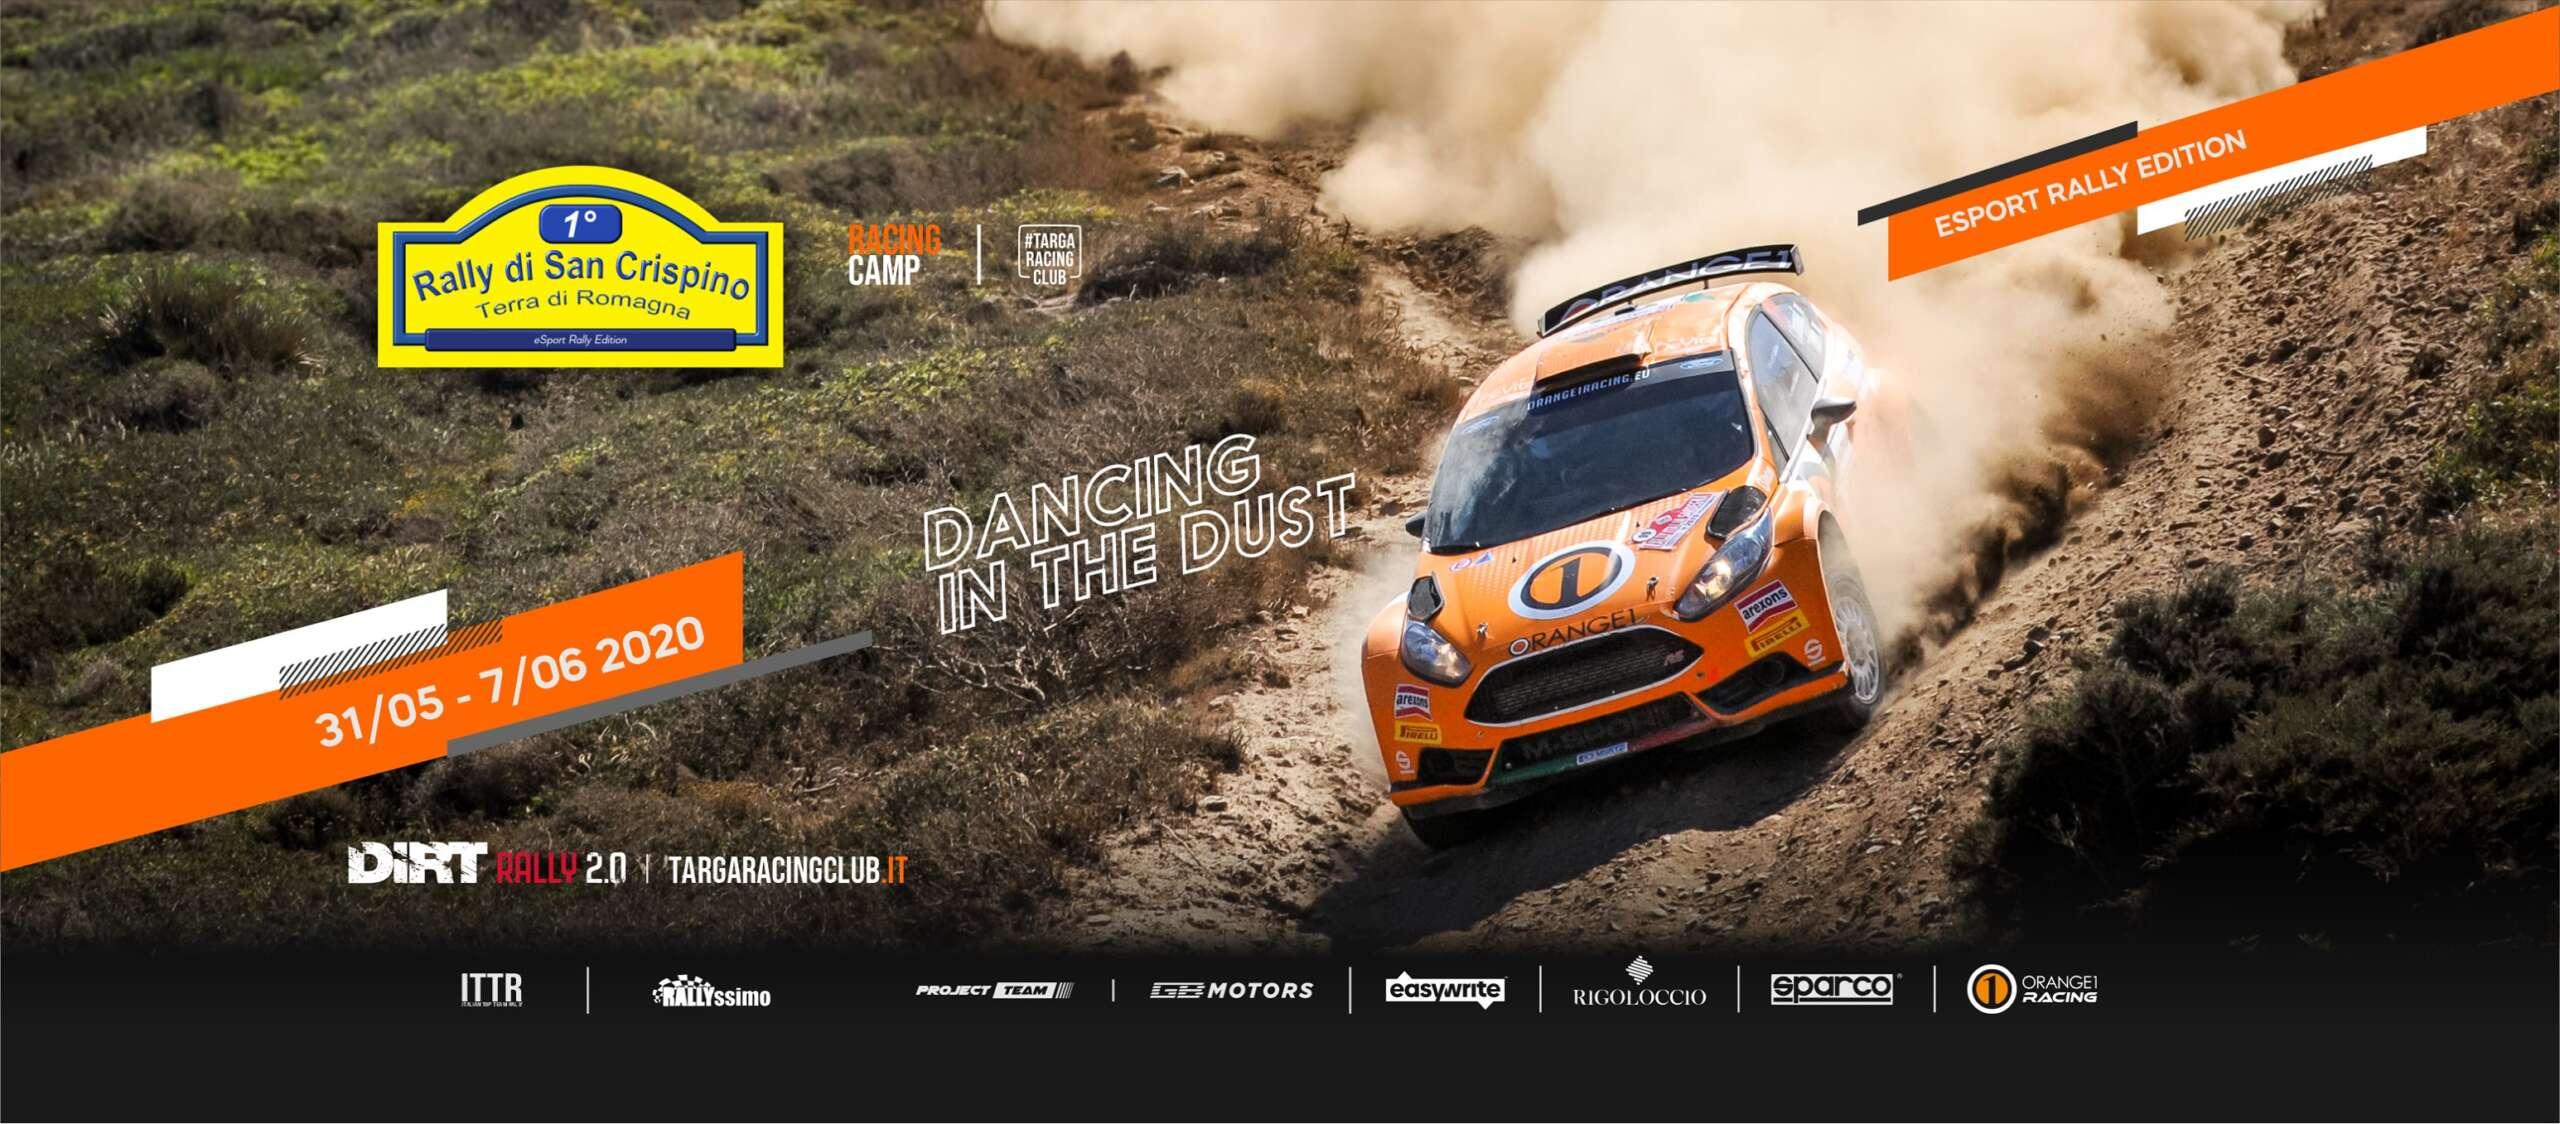 Danzando nella polvere del primo Rally San Crispino eSport!